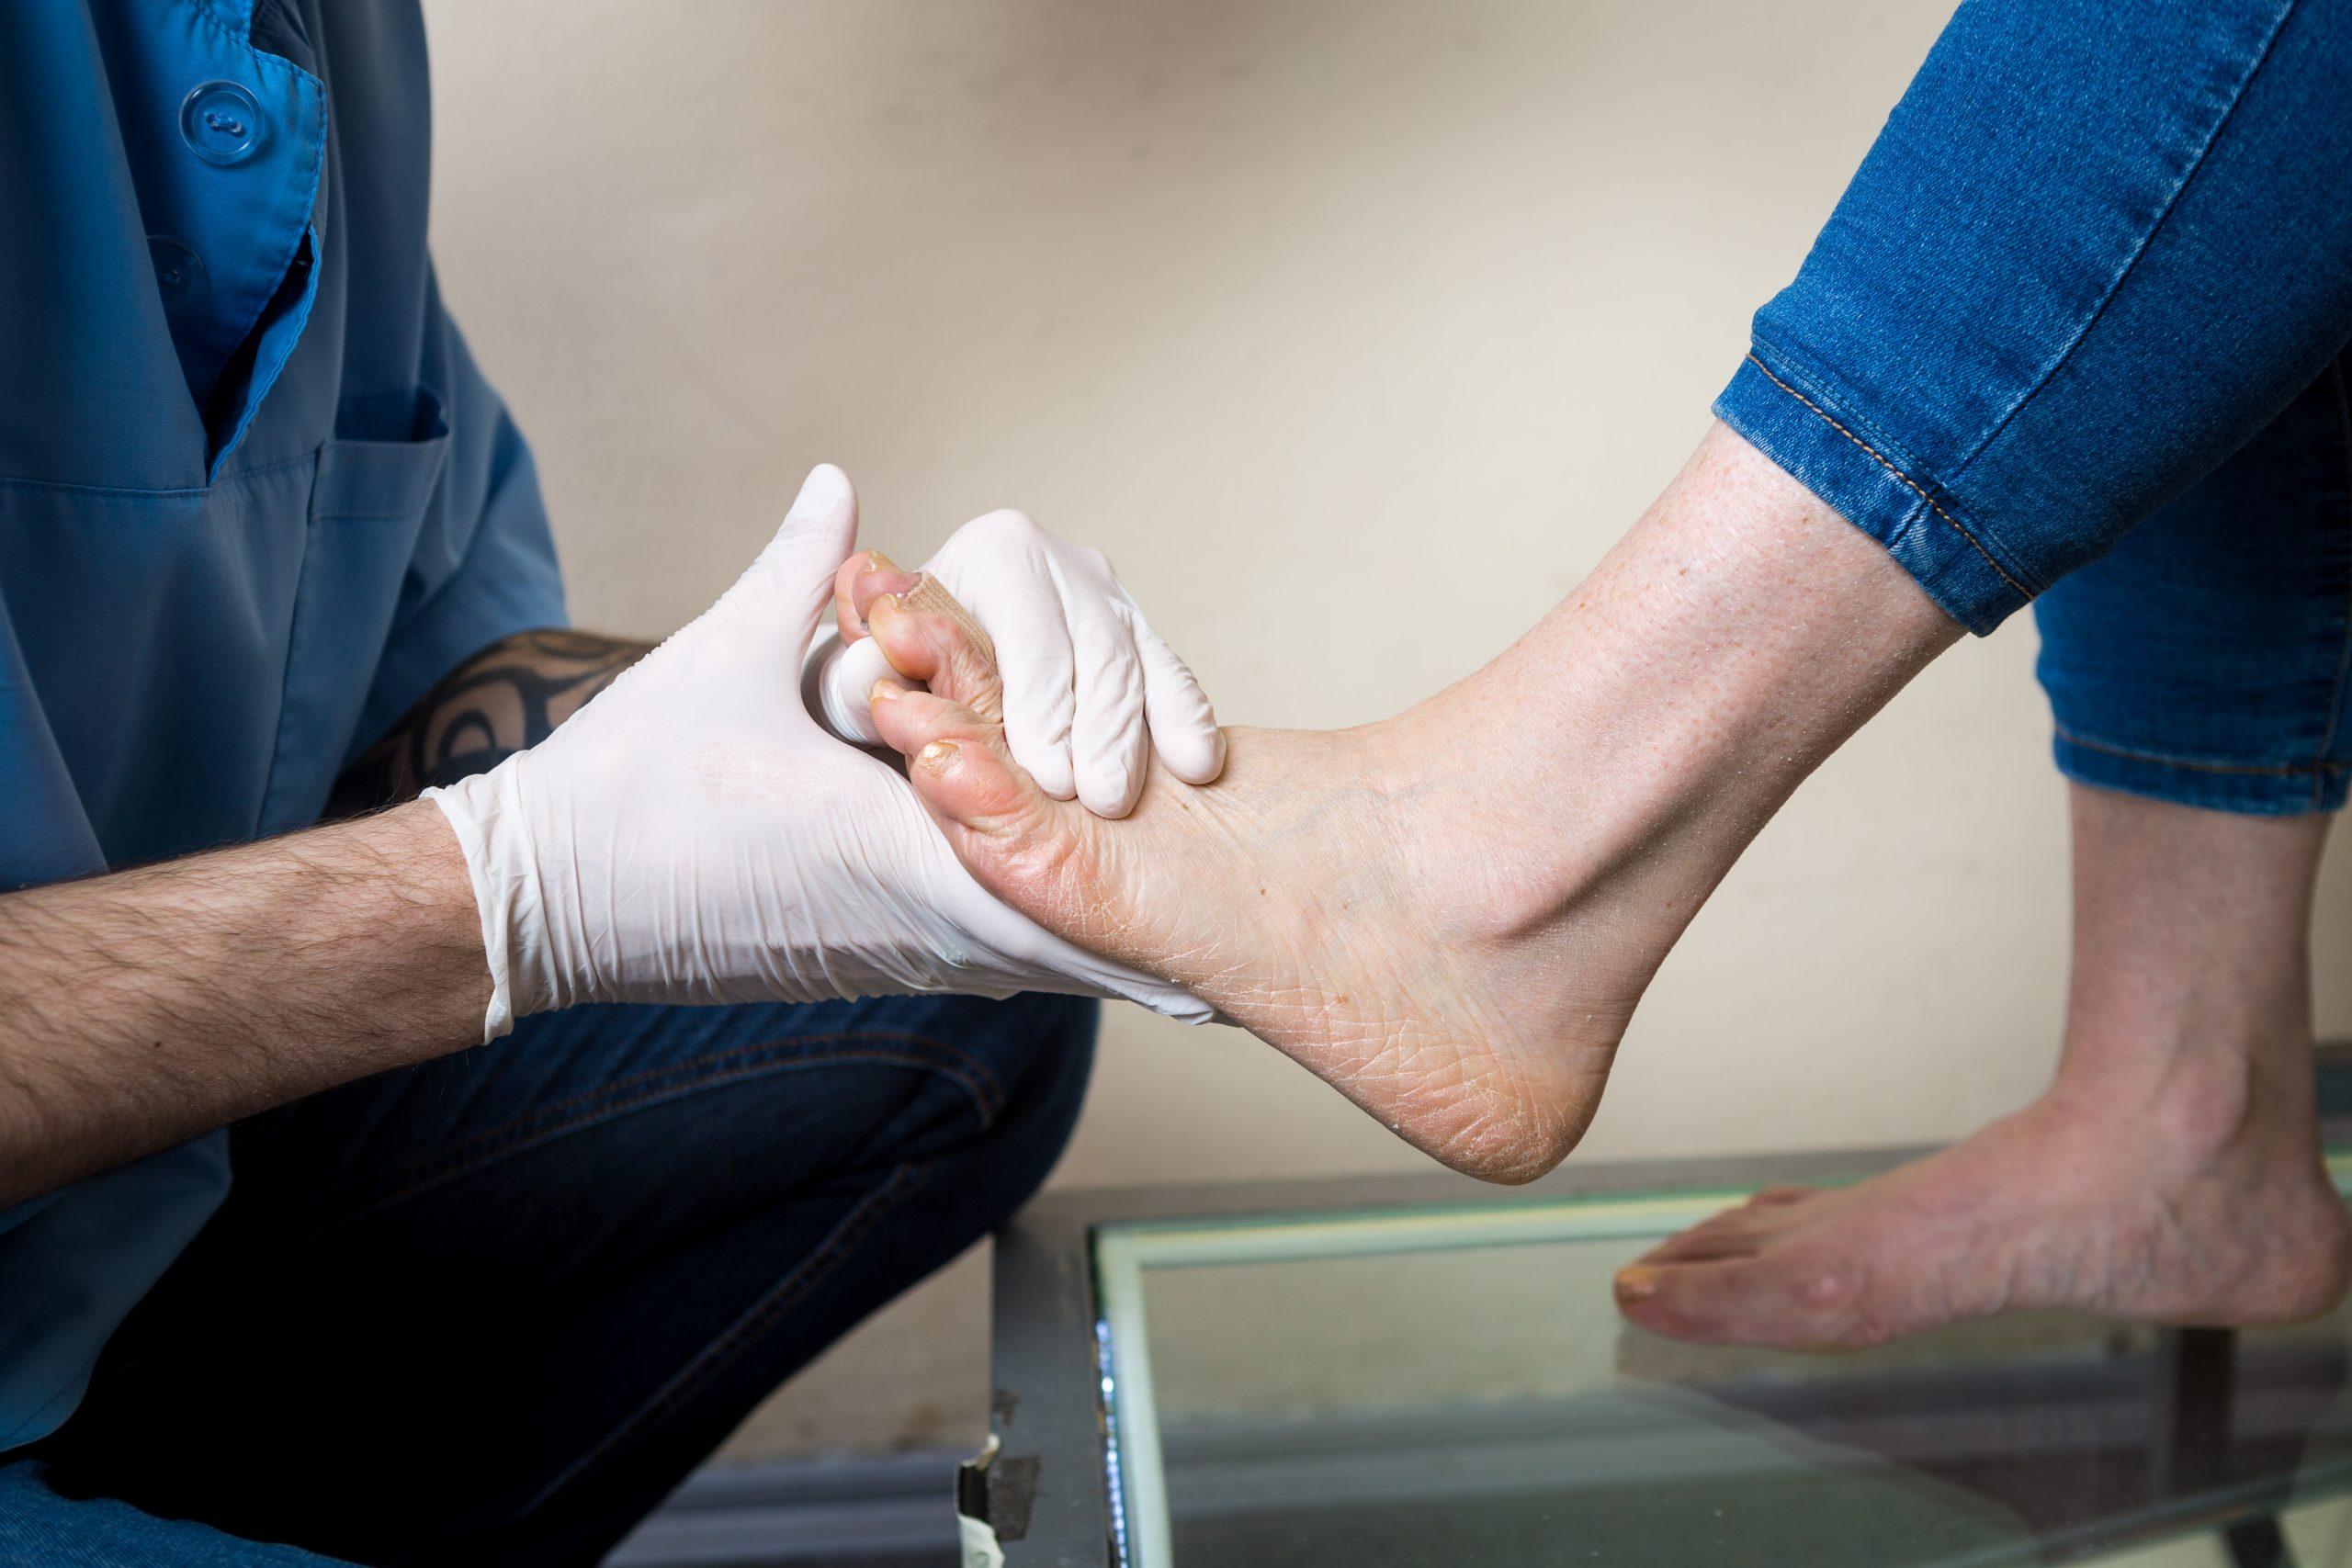 אומרים די לכאבי הגב והרגליים- בדיקת התאמה למדרסים במחיר אטרקטיבי!